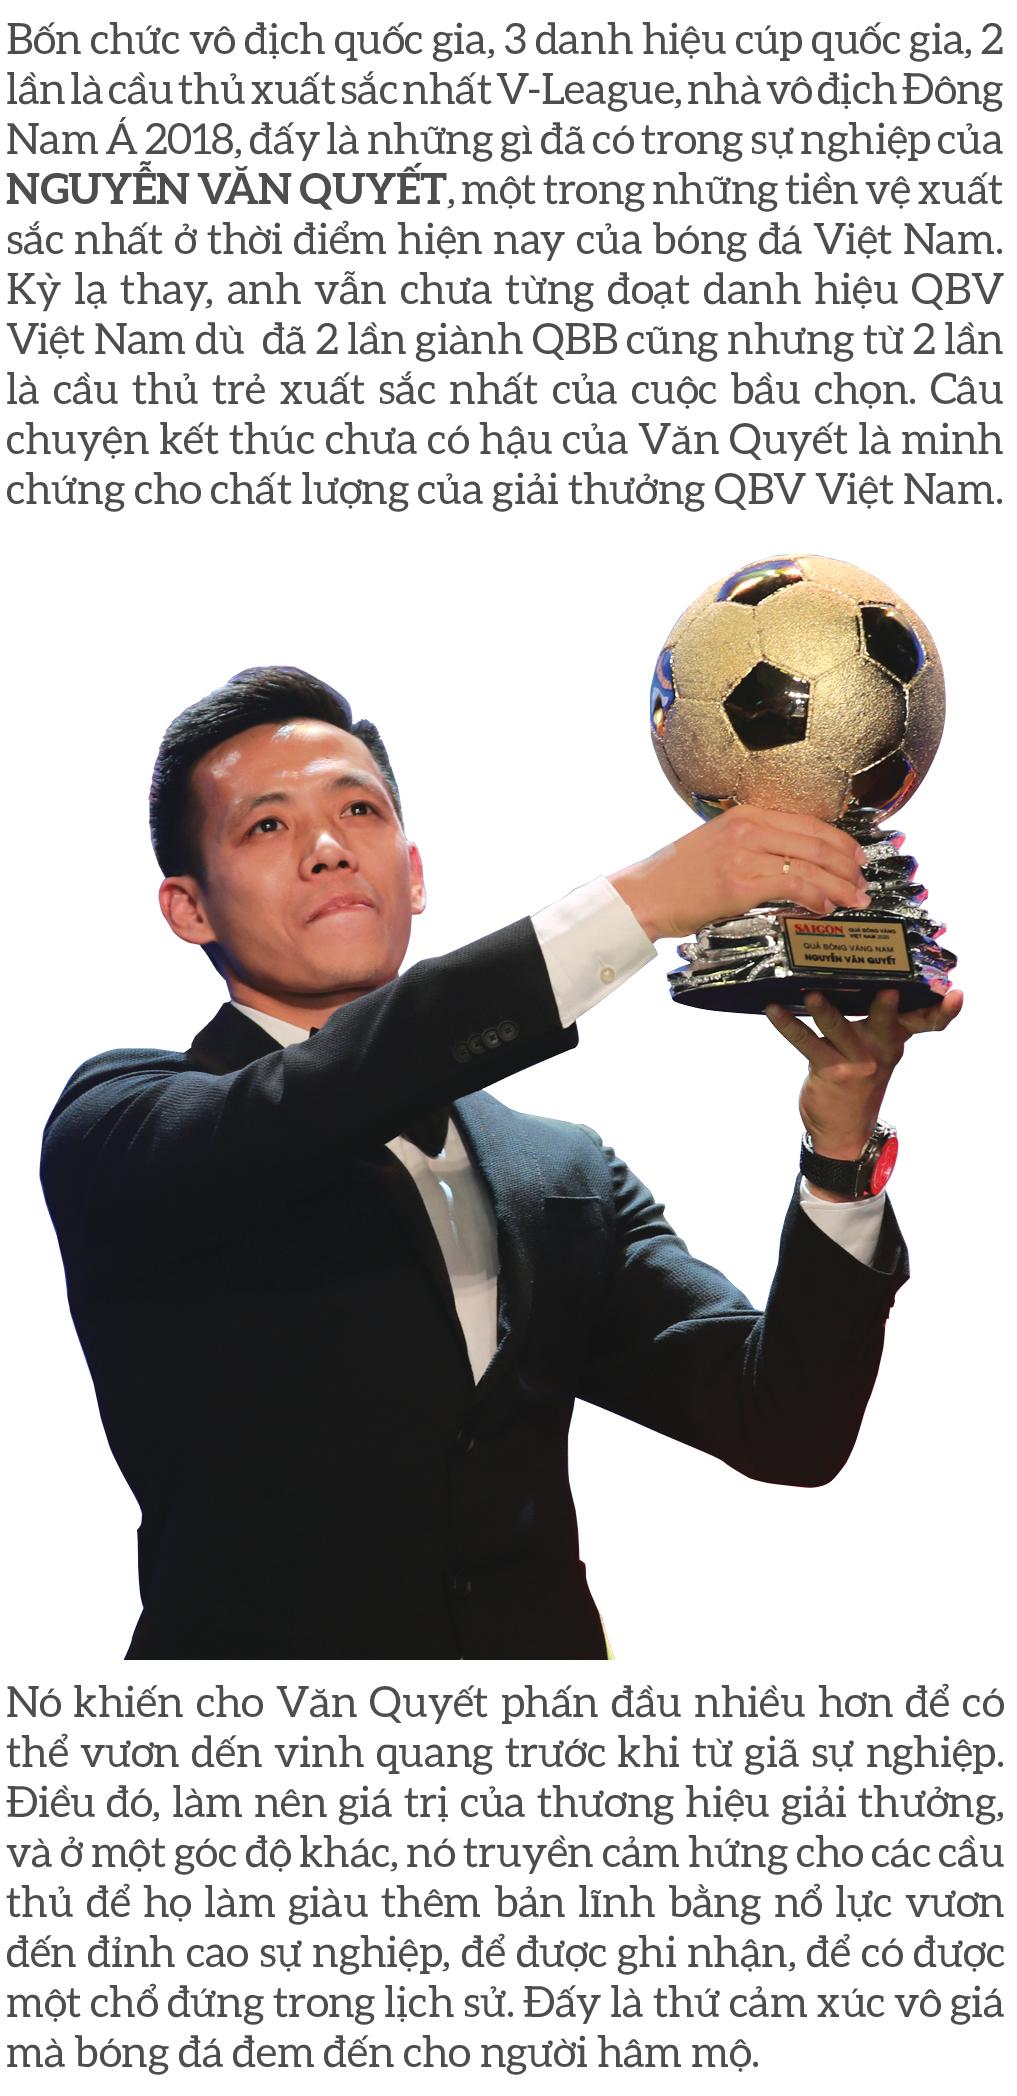 Quả bóng vàng Việt Nam 2020 - Thương hiệu và cảm xúc ảnh 10